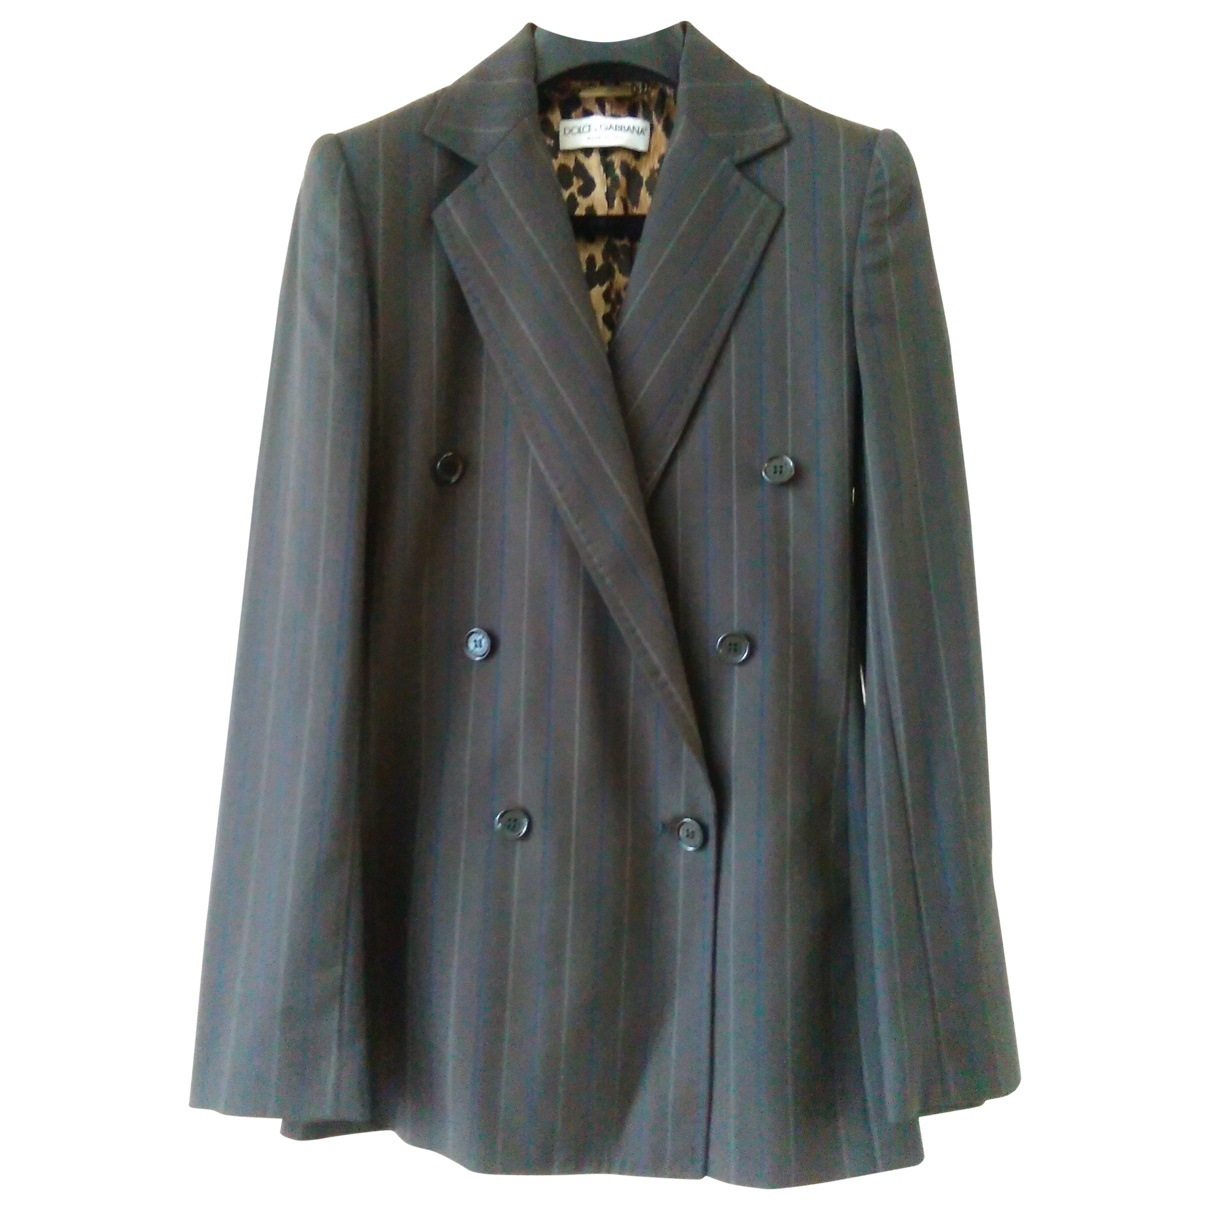 Dolce & Gabbana - Veste   pour femme en laine - anthracite